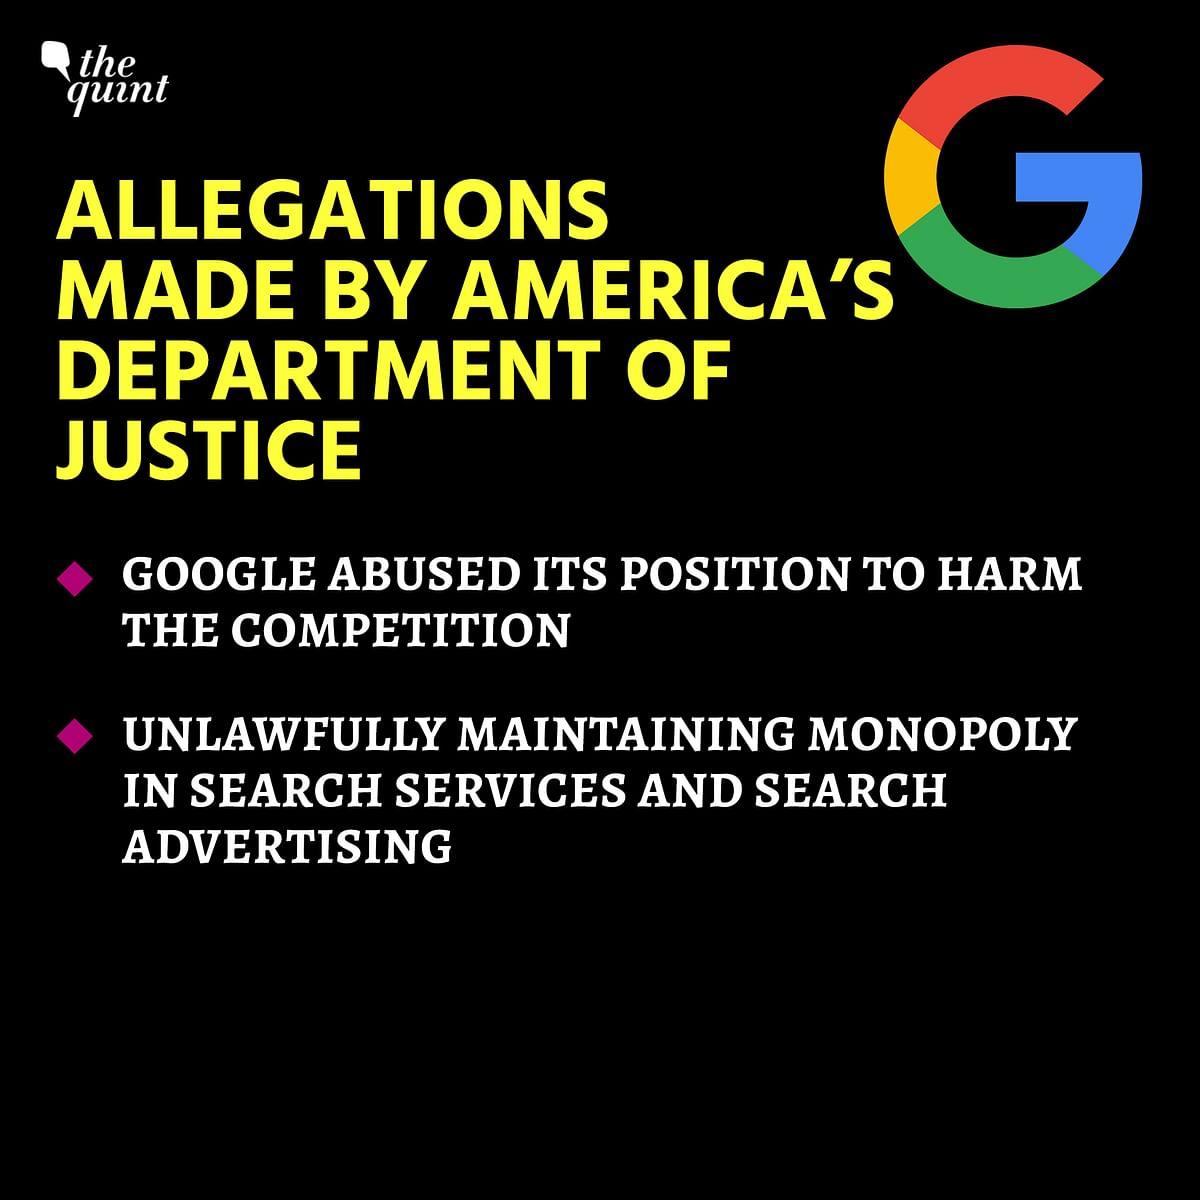 Explained: US Govt's Antitrust Lawsuit Against Google, Its Impact